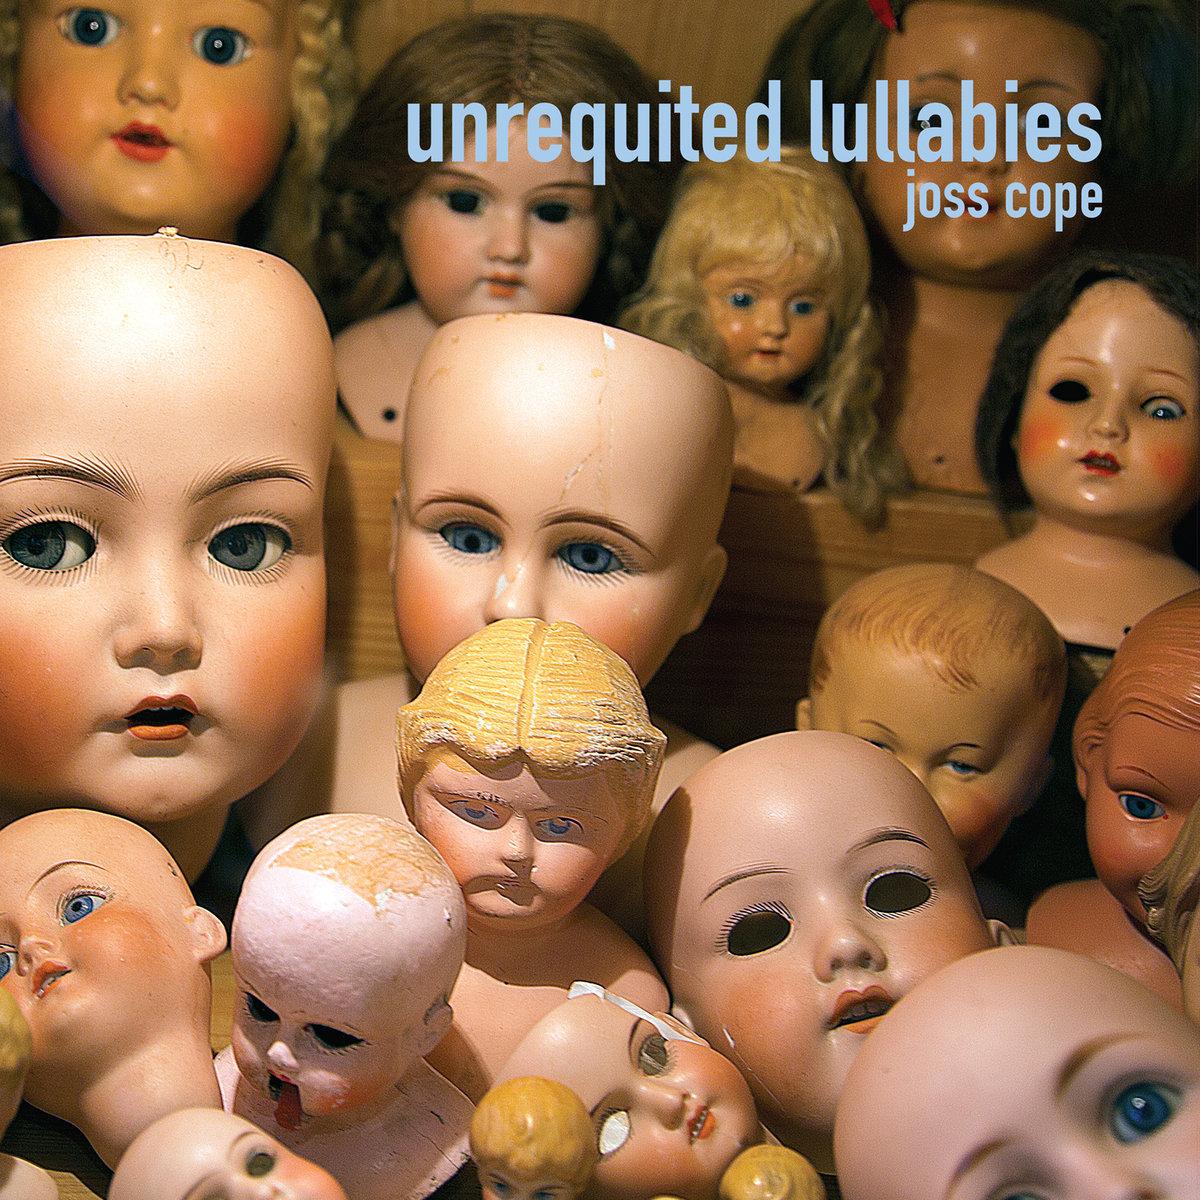 Joss Cope - Unrequited Lullabies